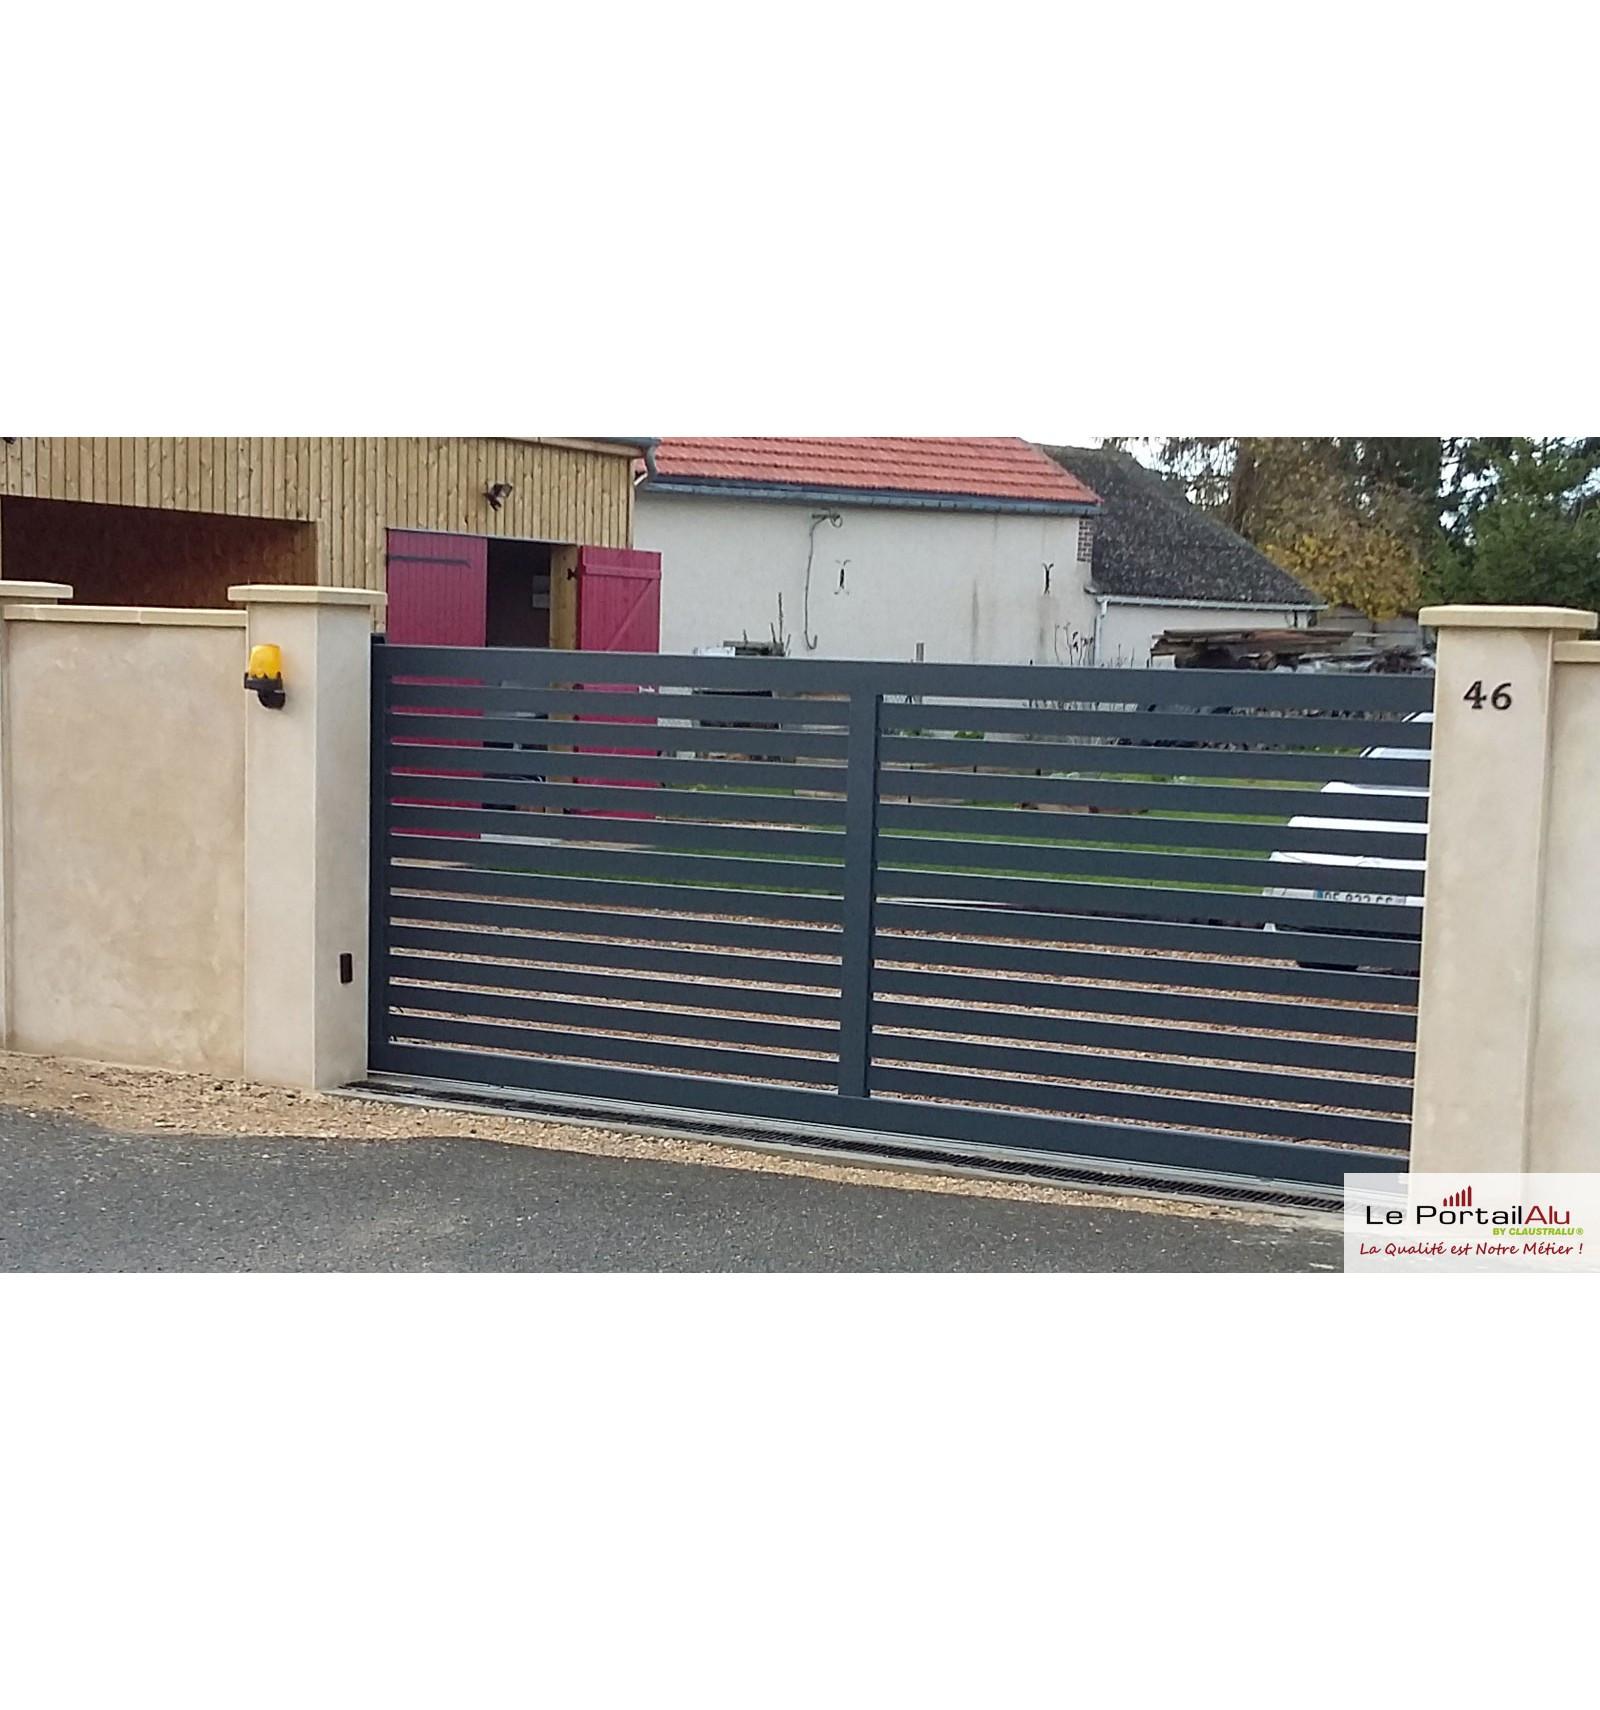 32 nouveau portail alu brico depot  salon jardin